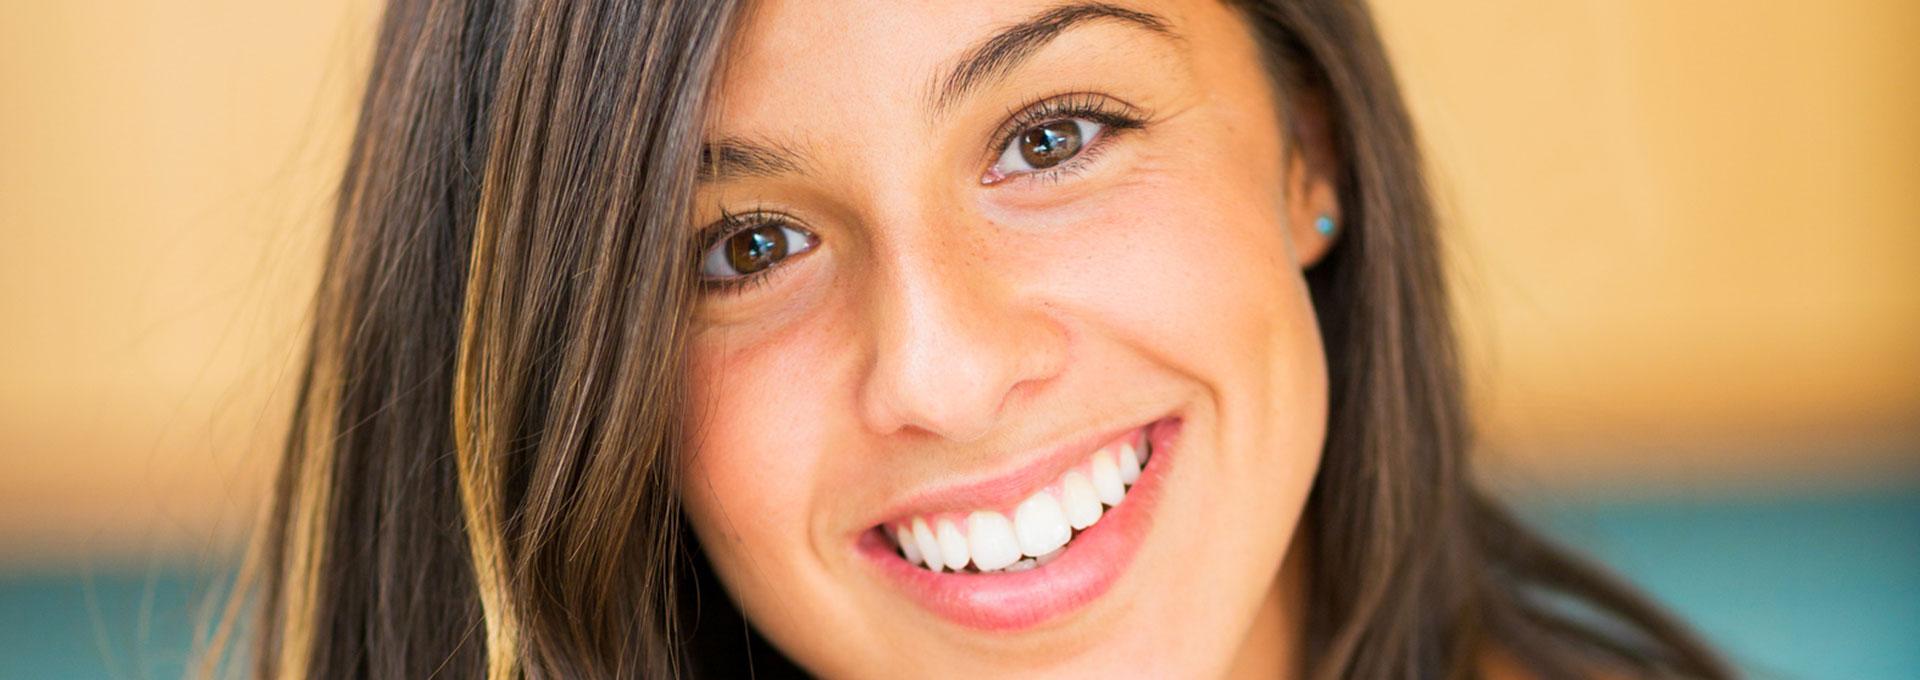 Dr. Meister - Zahnärztin für sanfte Zahnheilkunde in Straubing